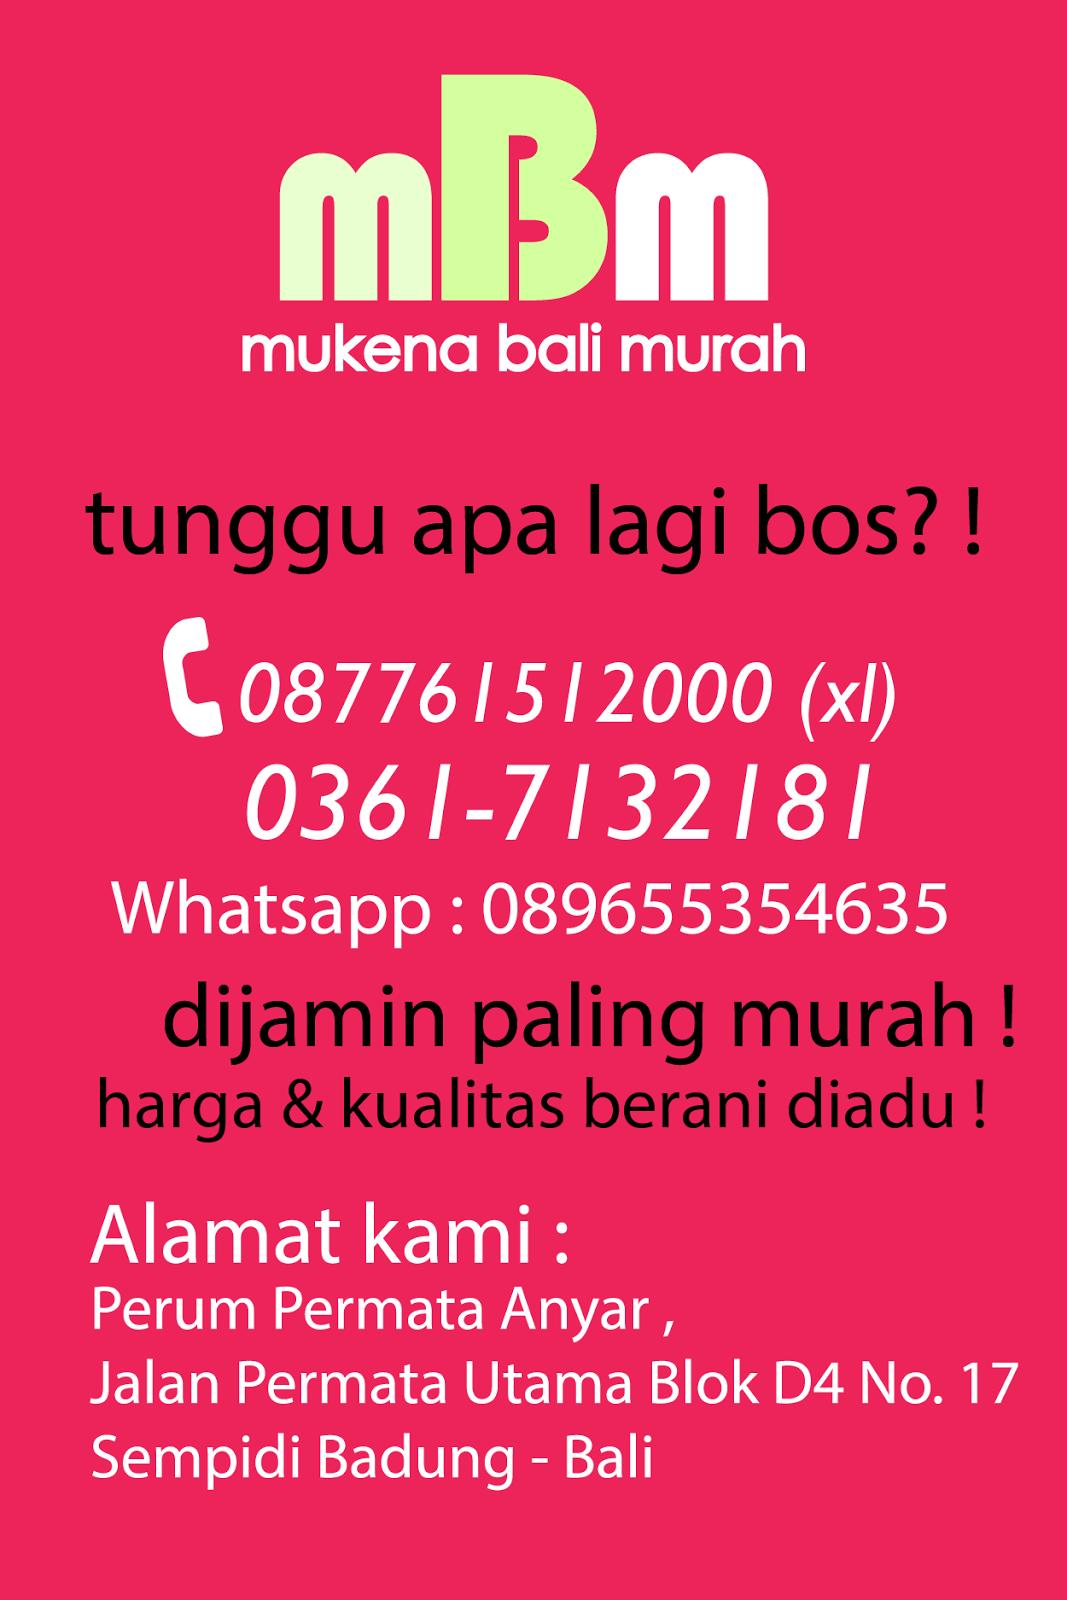 Mukena Bali